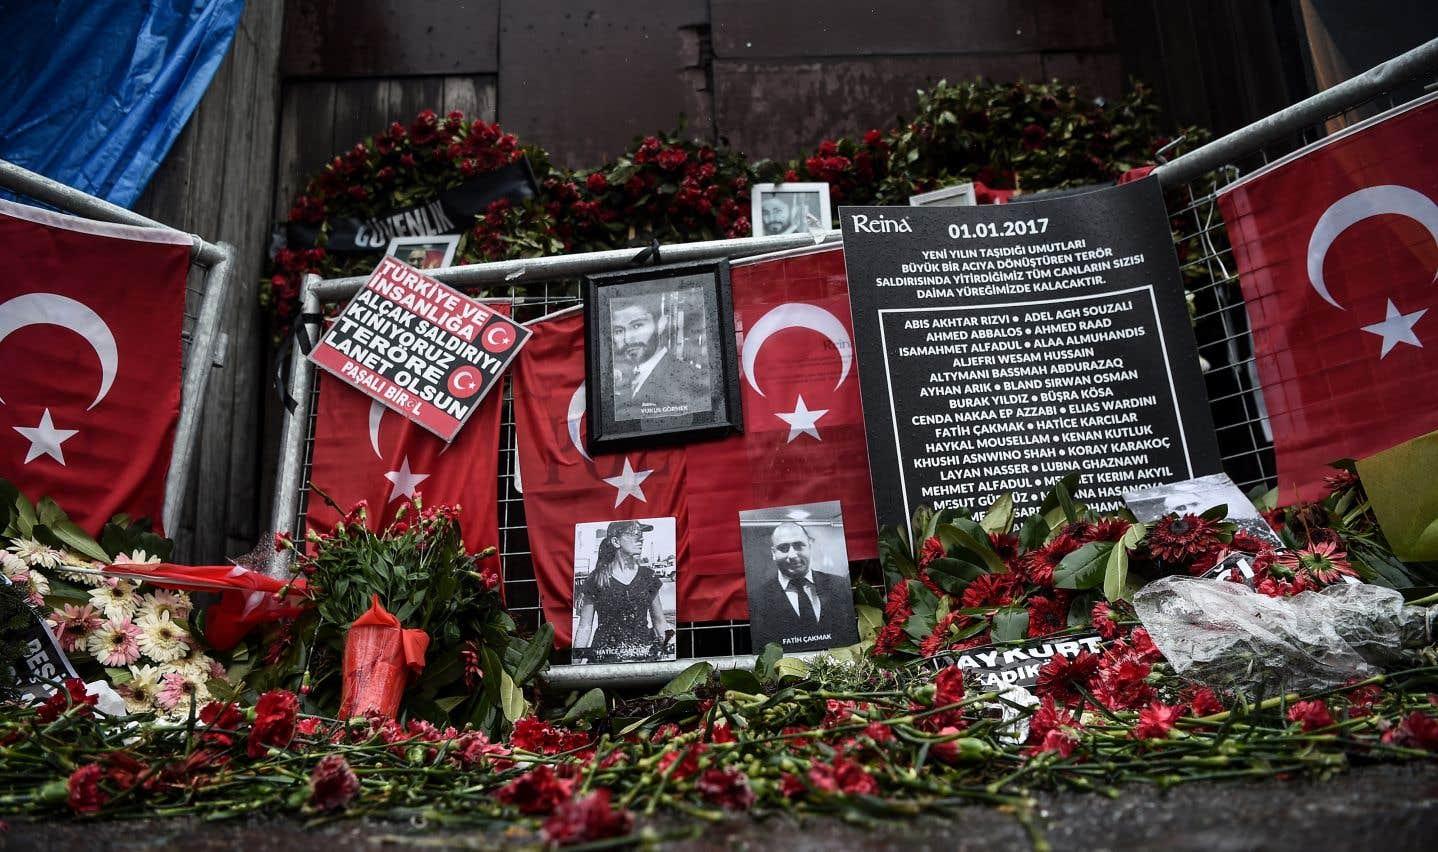 Haute sécurité et arrestations en Turquie, un an après l'attentat du Reina